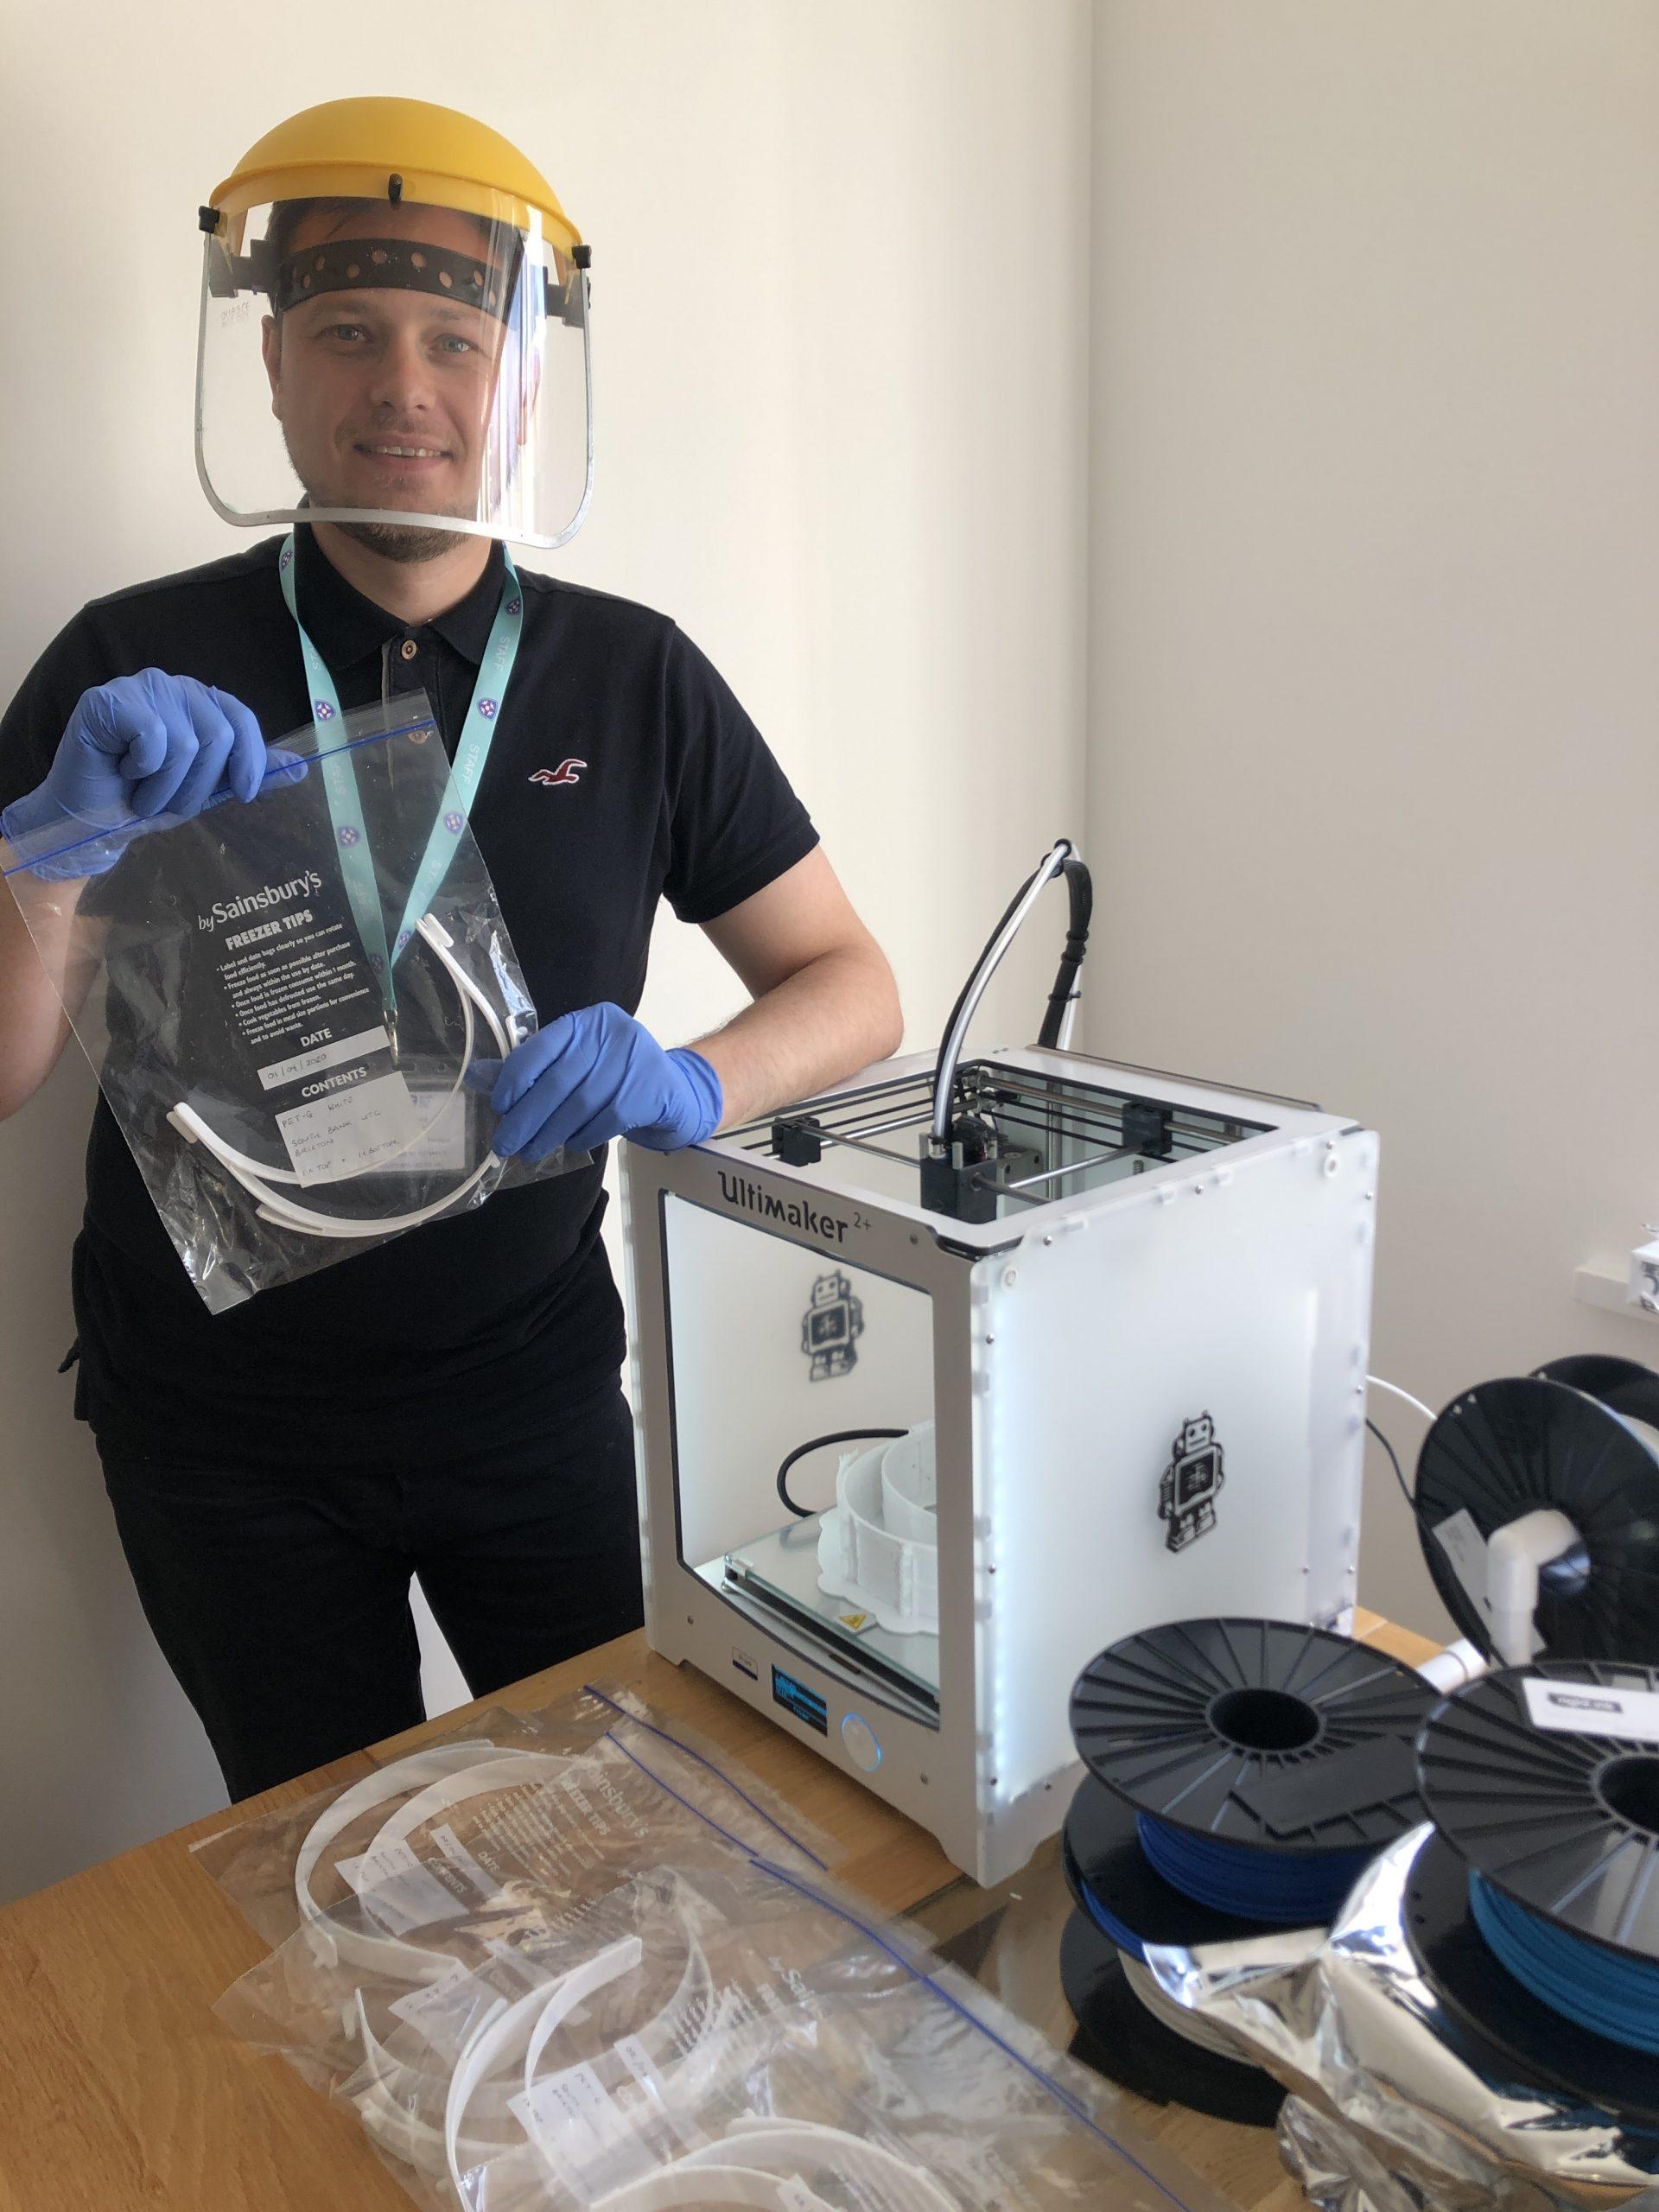 3D printers aid NHS visor scheme